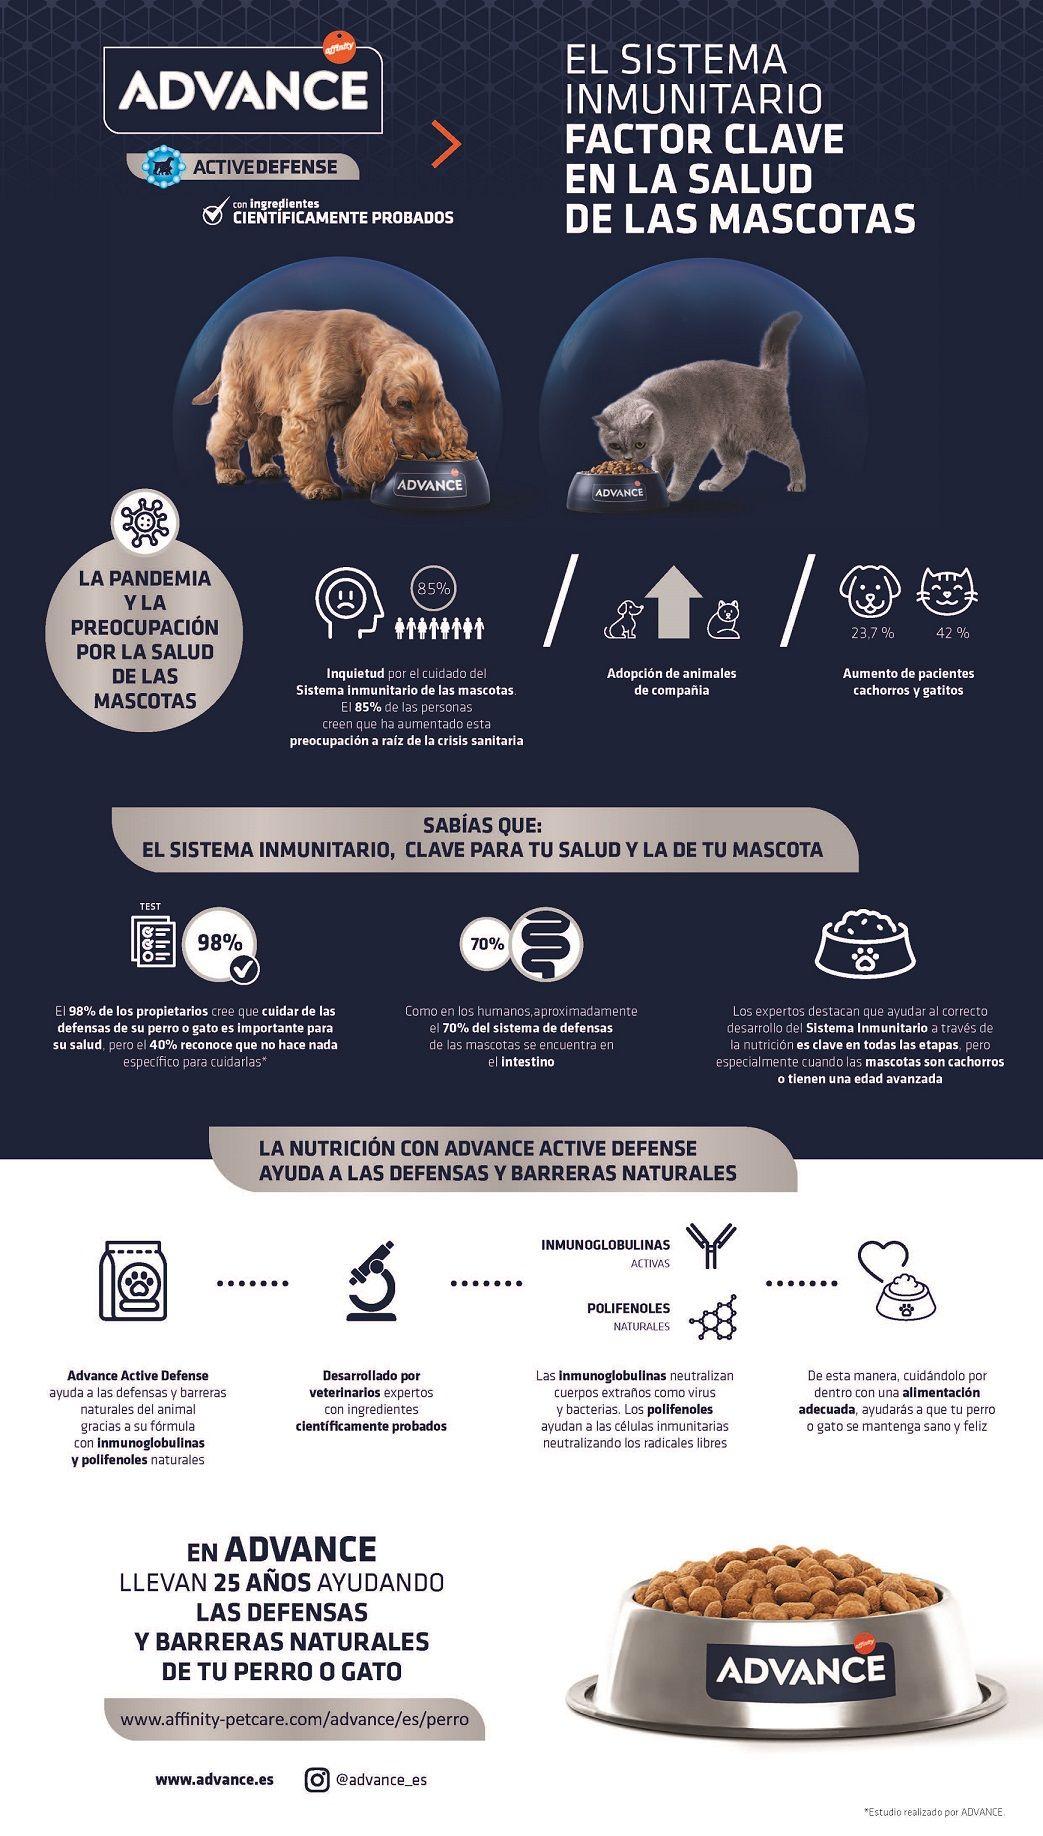 El sistema inmunitario, factor clave en la salud de las mascotas